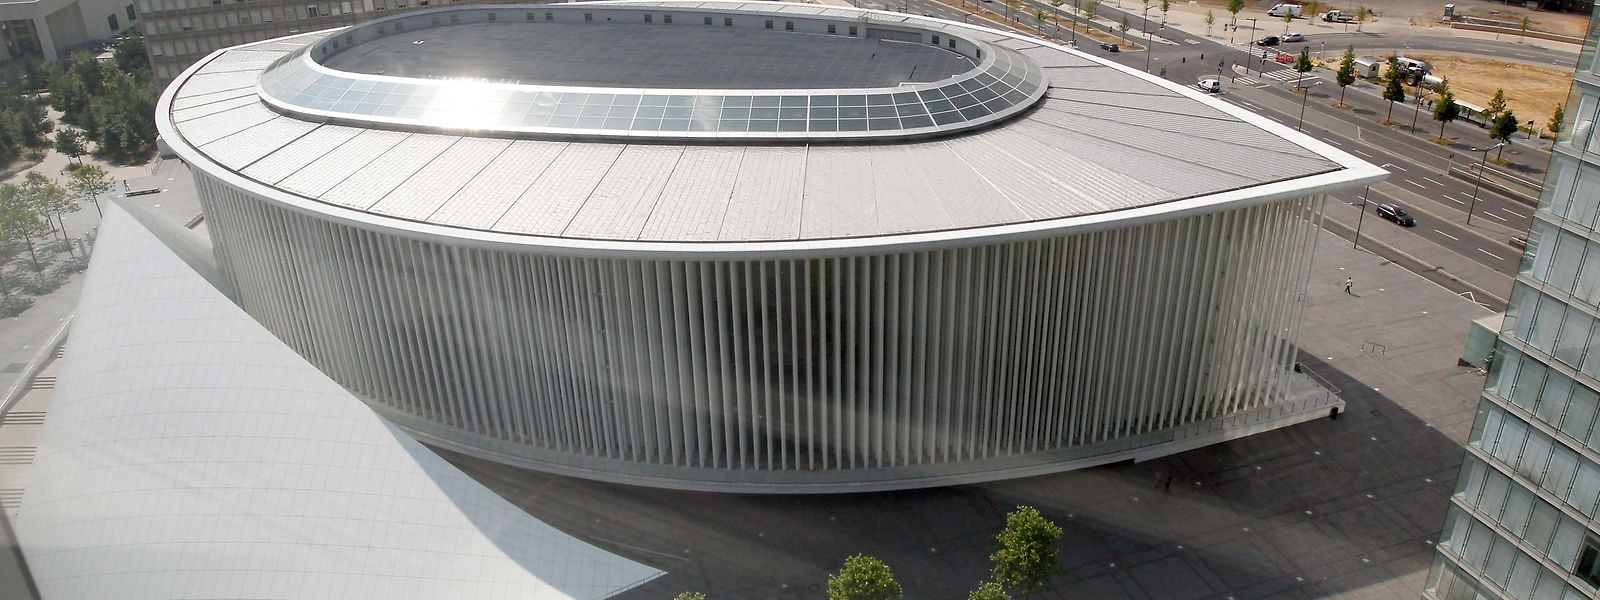 Wie wird sie sich verändern? Auch wenn die Philharmonie diesmal keine Budgeterhöhung bekommen soll, zeichnet sich doch schon der Umbau des Konzertgebäudes im großen Zahlenwerk ab.